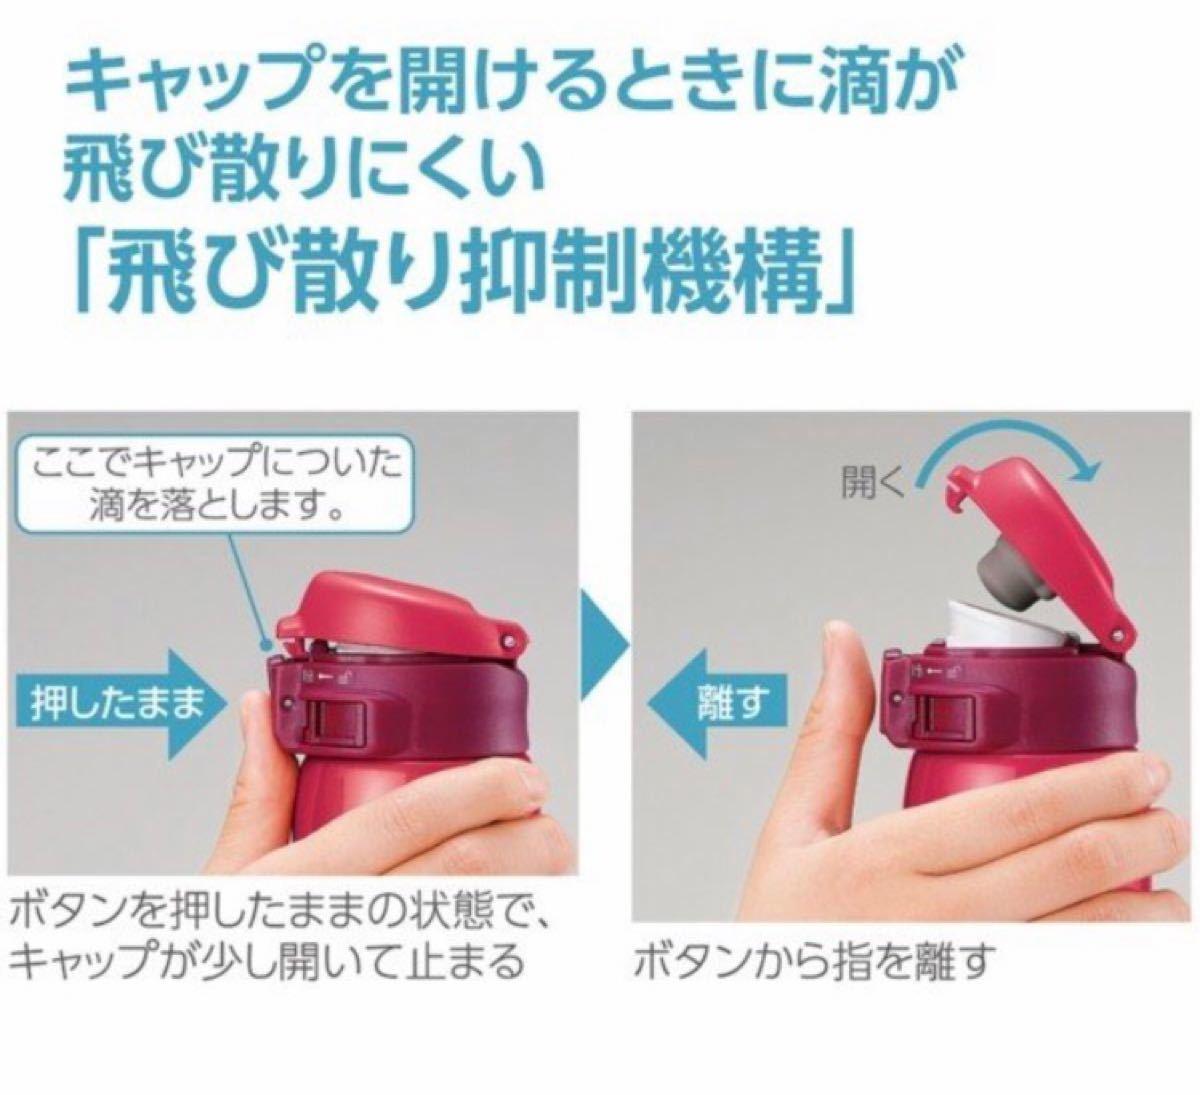 象印 ステンレスマグ マグボトル 480ml 保温・保冷両用 水筒 0.48L ガーネットレッド ZOJIRUSHI